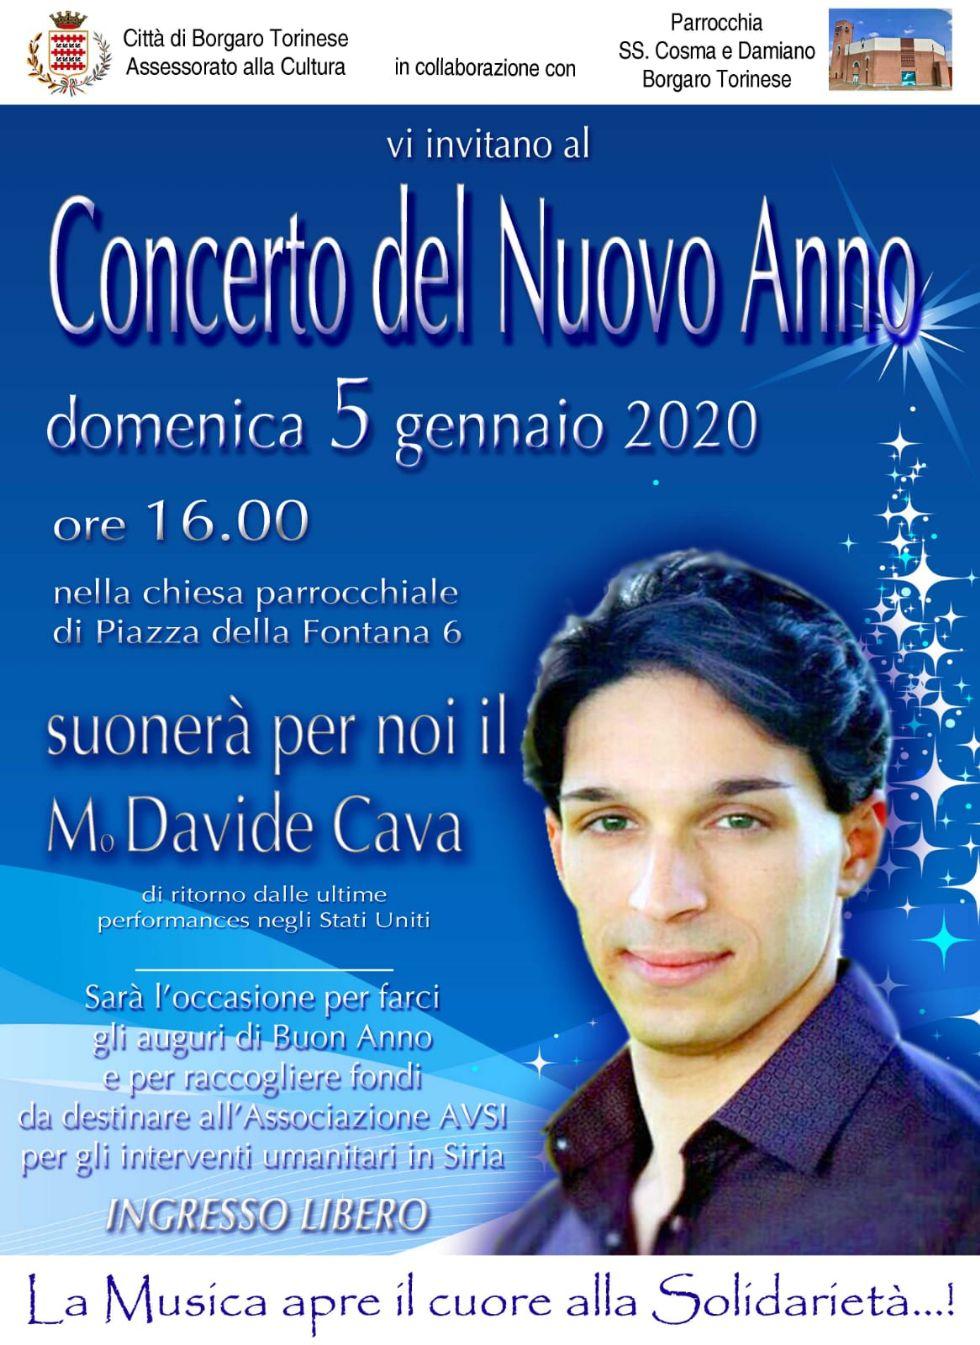 BORGARO - Domani in parrocchia il «Concerto del Nuovo Anno»: si esibirà il borgarese Cava